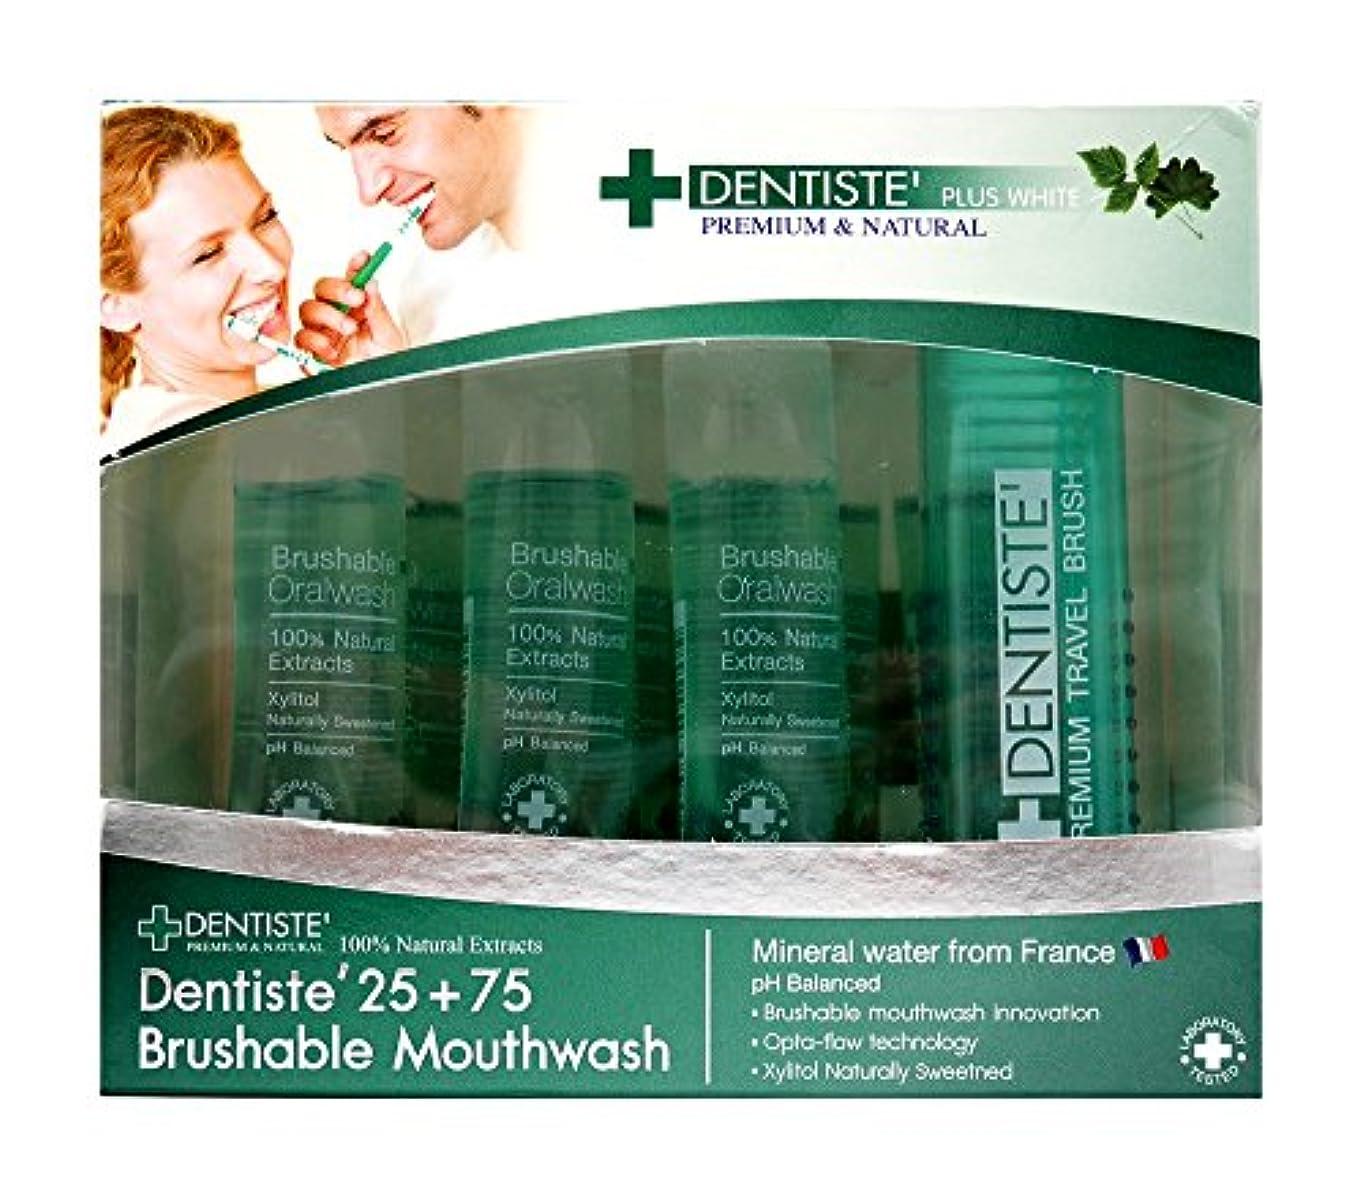 ズームインする冷酷な不十分(デンティス)DENTISTE 液体歯磨き粉 12ml x 7本 収納式歯ブラシ付